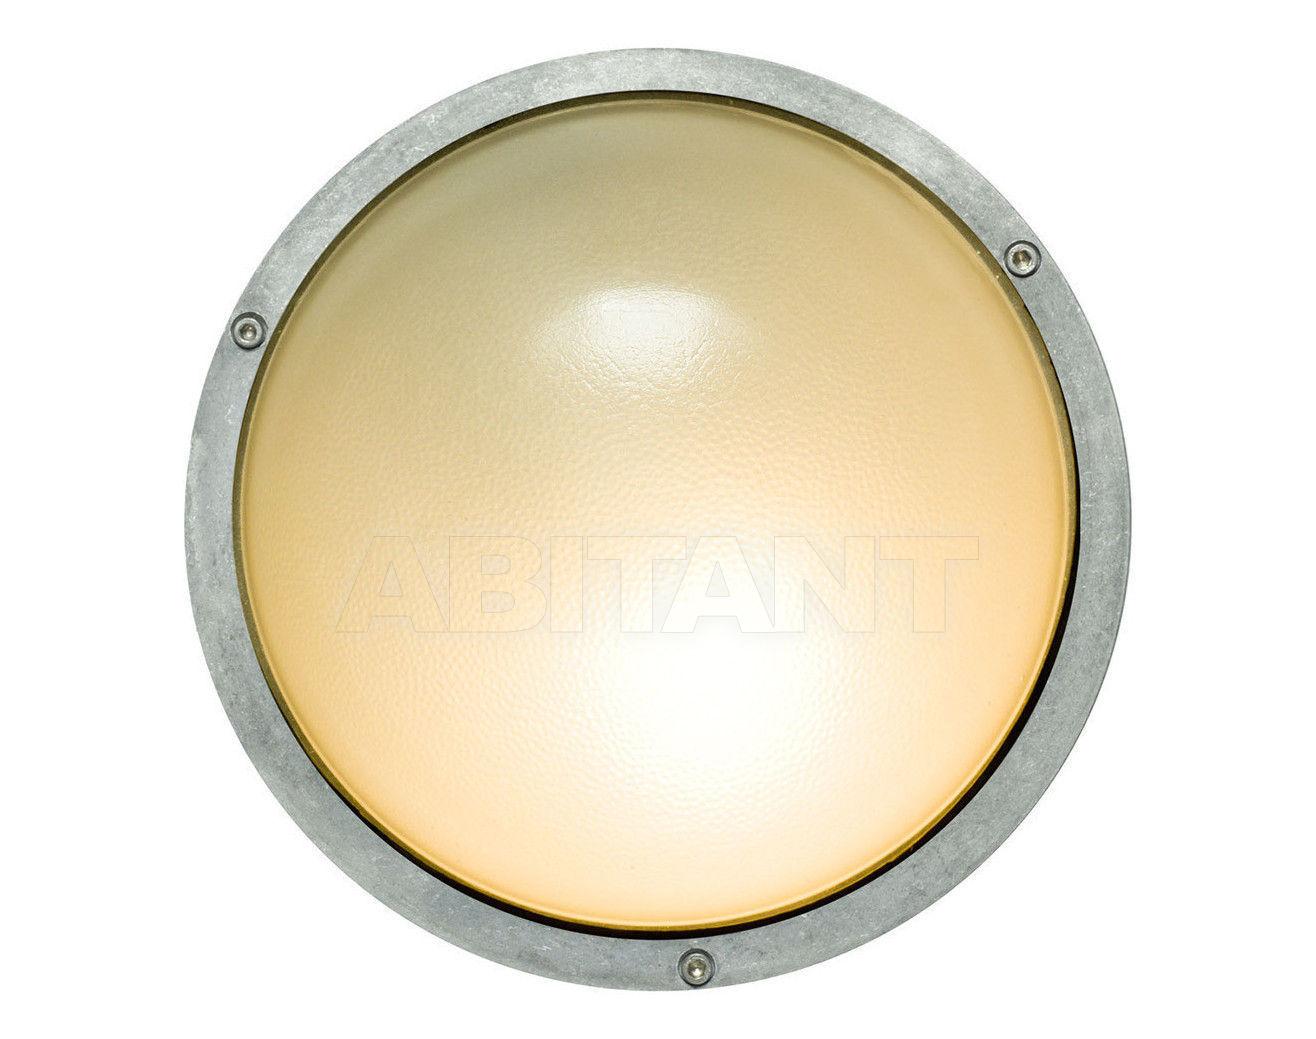 Купить Светильник Davey Lighting Bulkhead Lights 8134/AL/G24